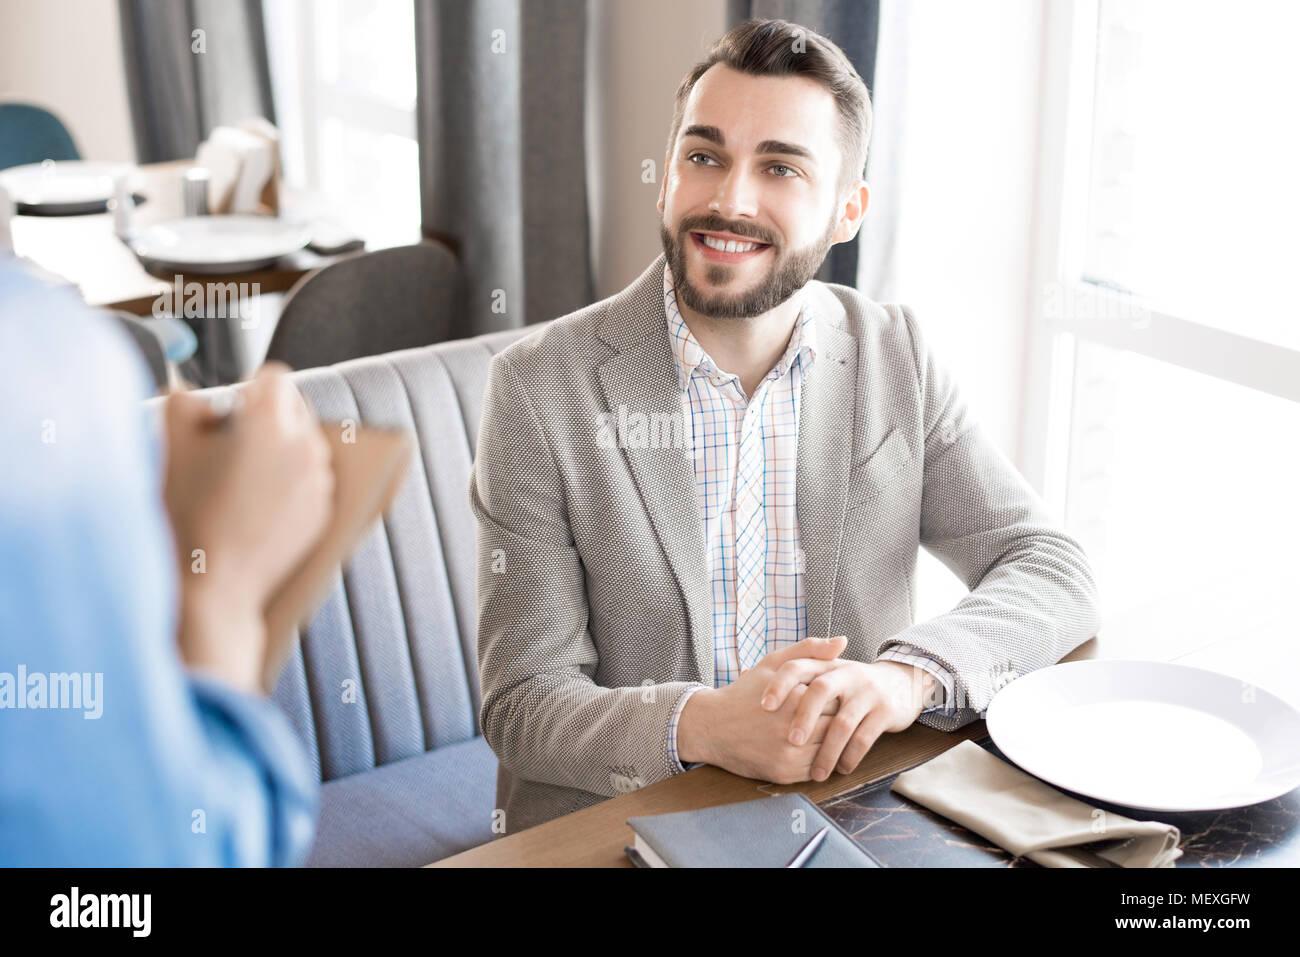 Empresario alegre pone orden en restaurante. Imagen De Stock